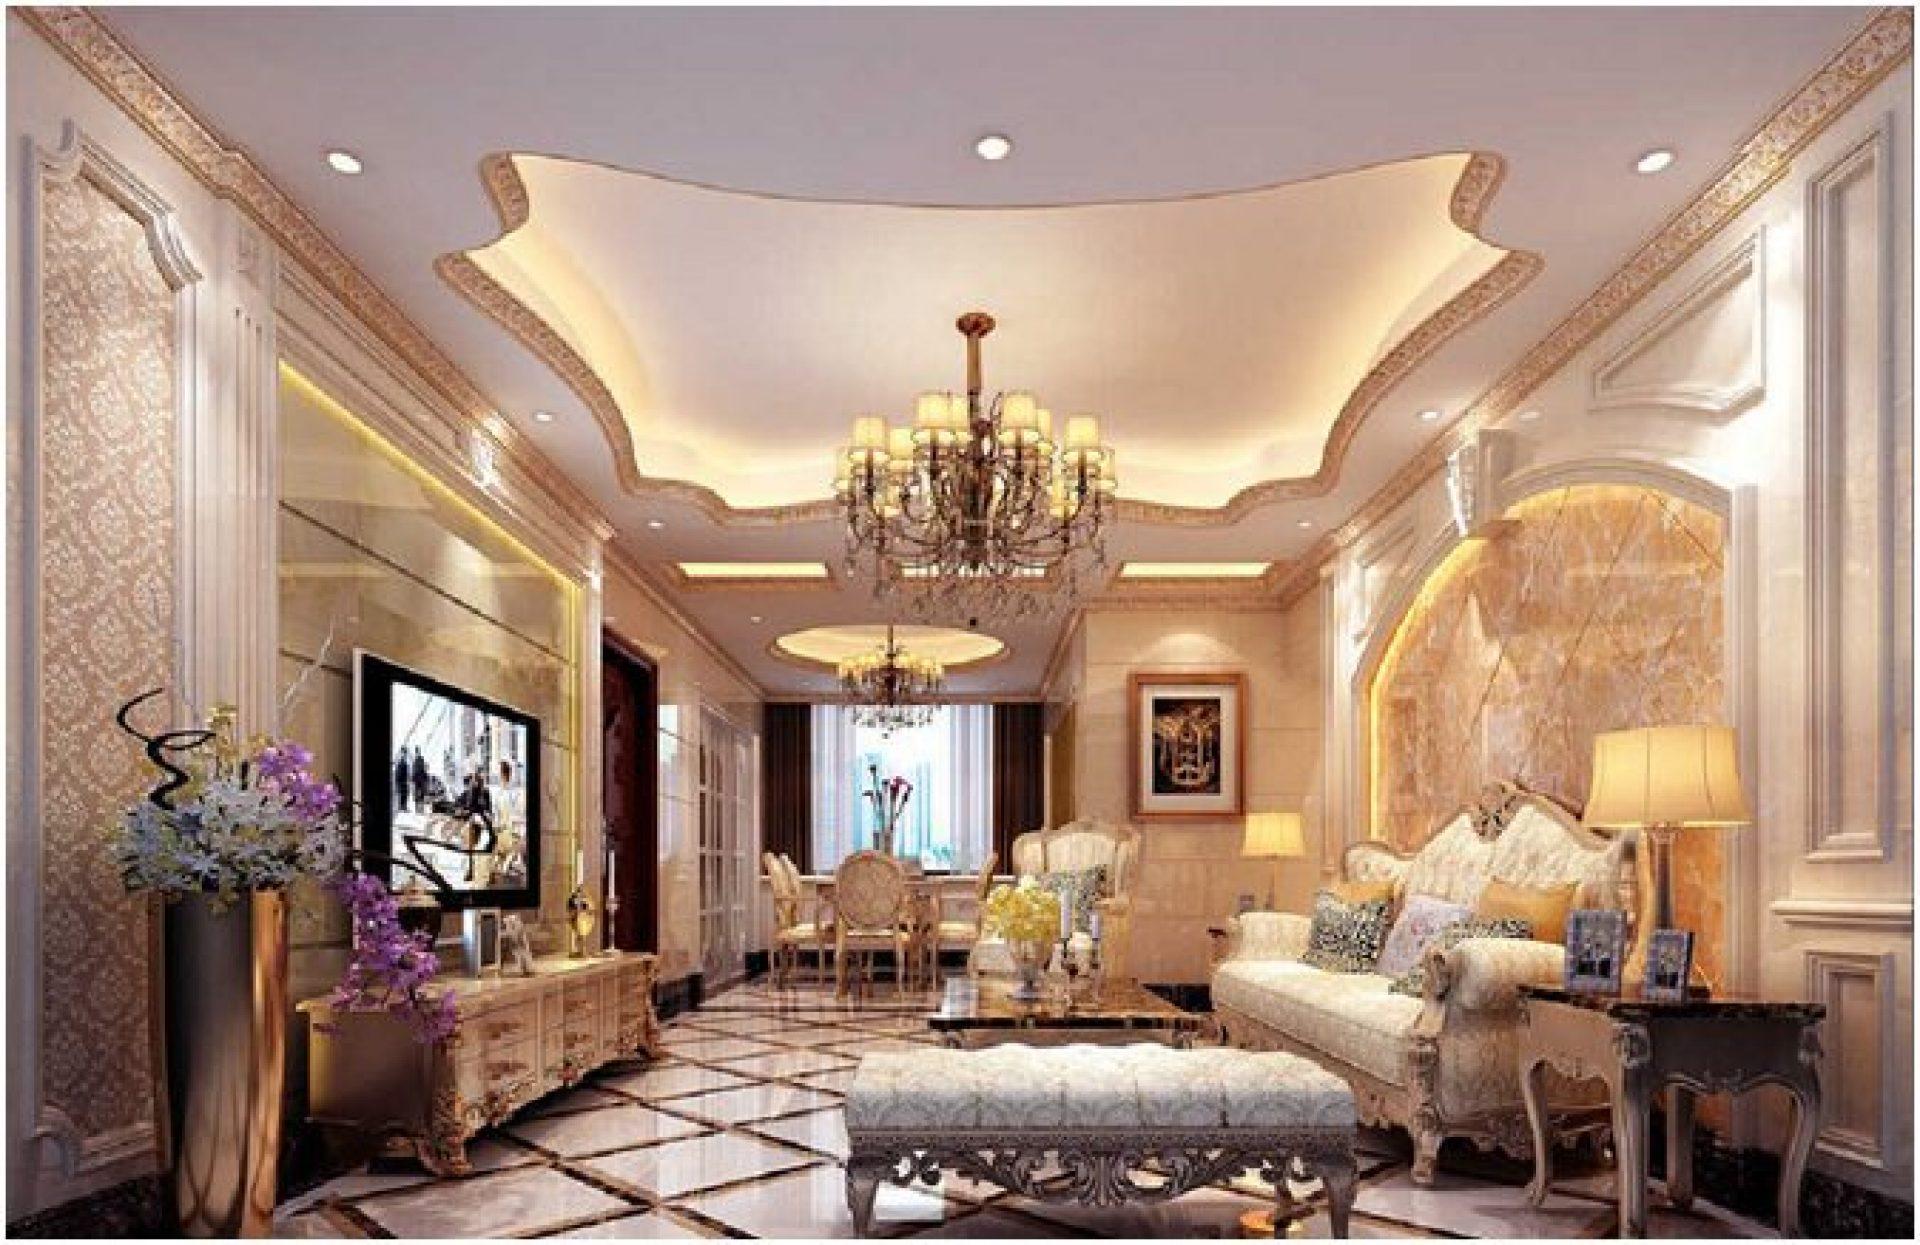 طراحی داخلی منزل سبک کلاسیک مدرن ، دکوراسیون منزل